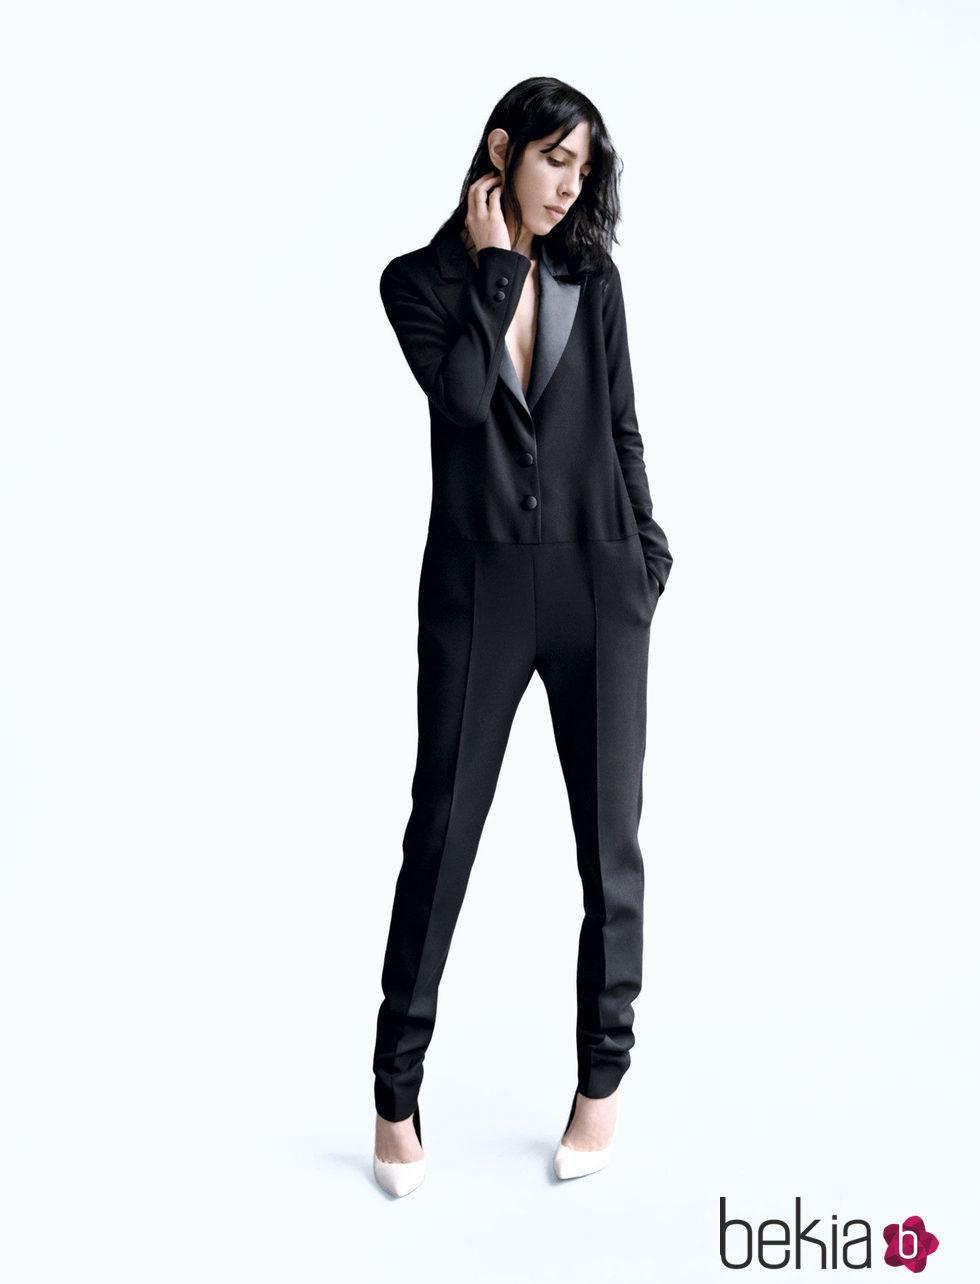 Jumpsuit en estilo esmoquin en negro de la nueva colección de Wanda Nylon para La Redoute 2016